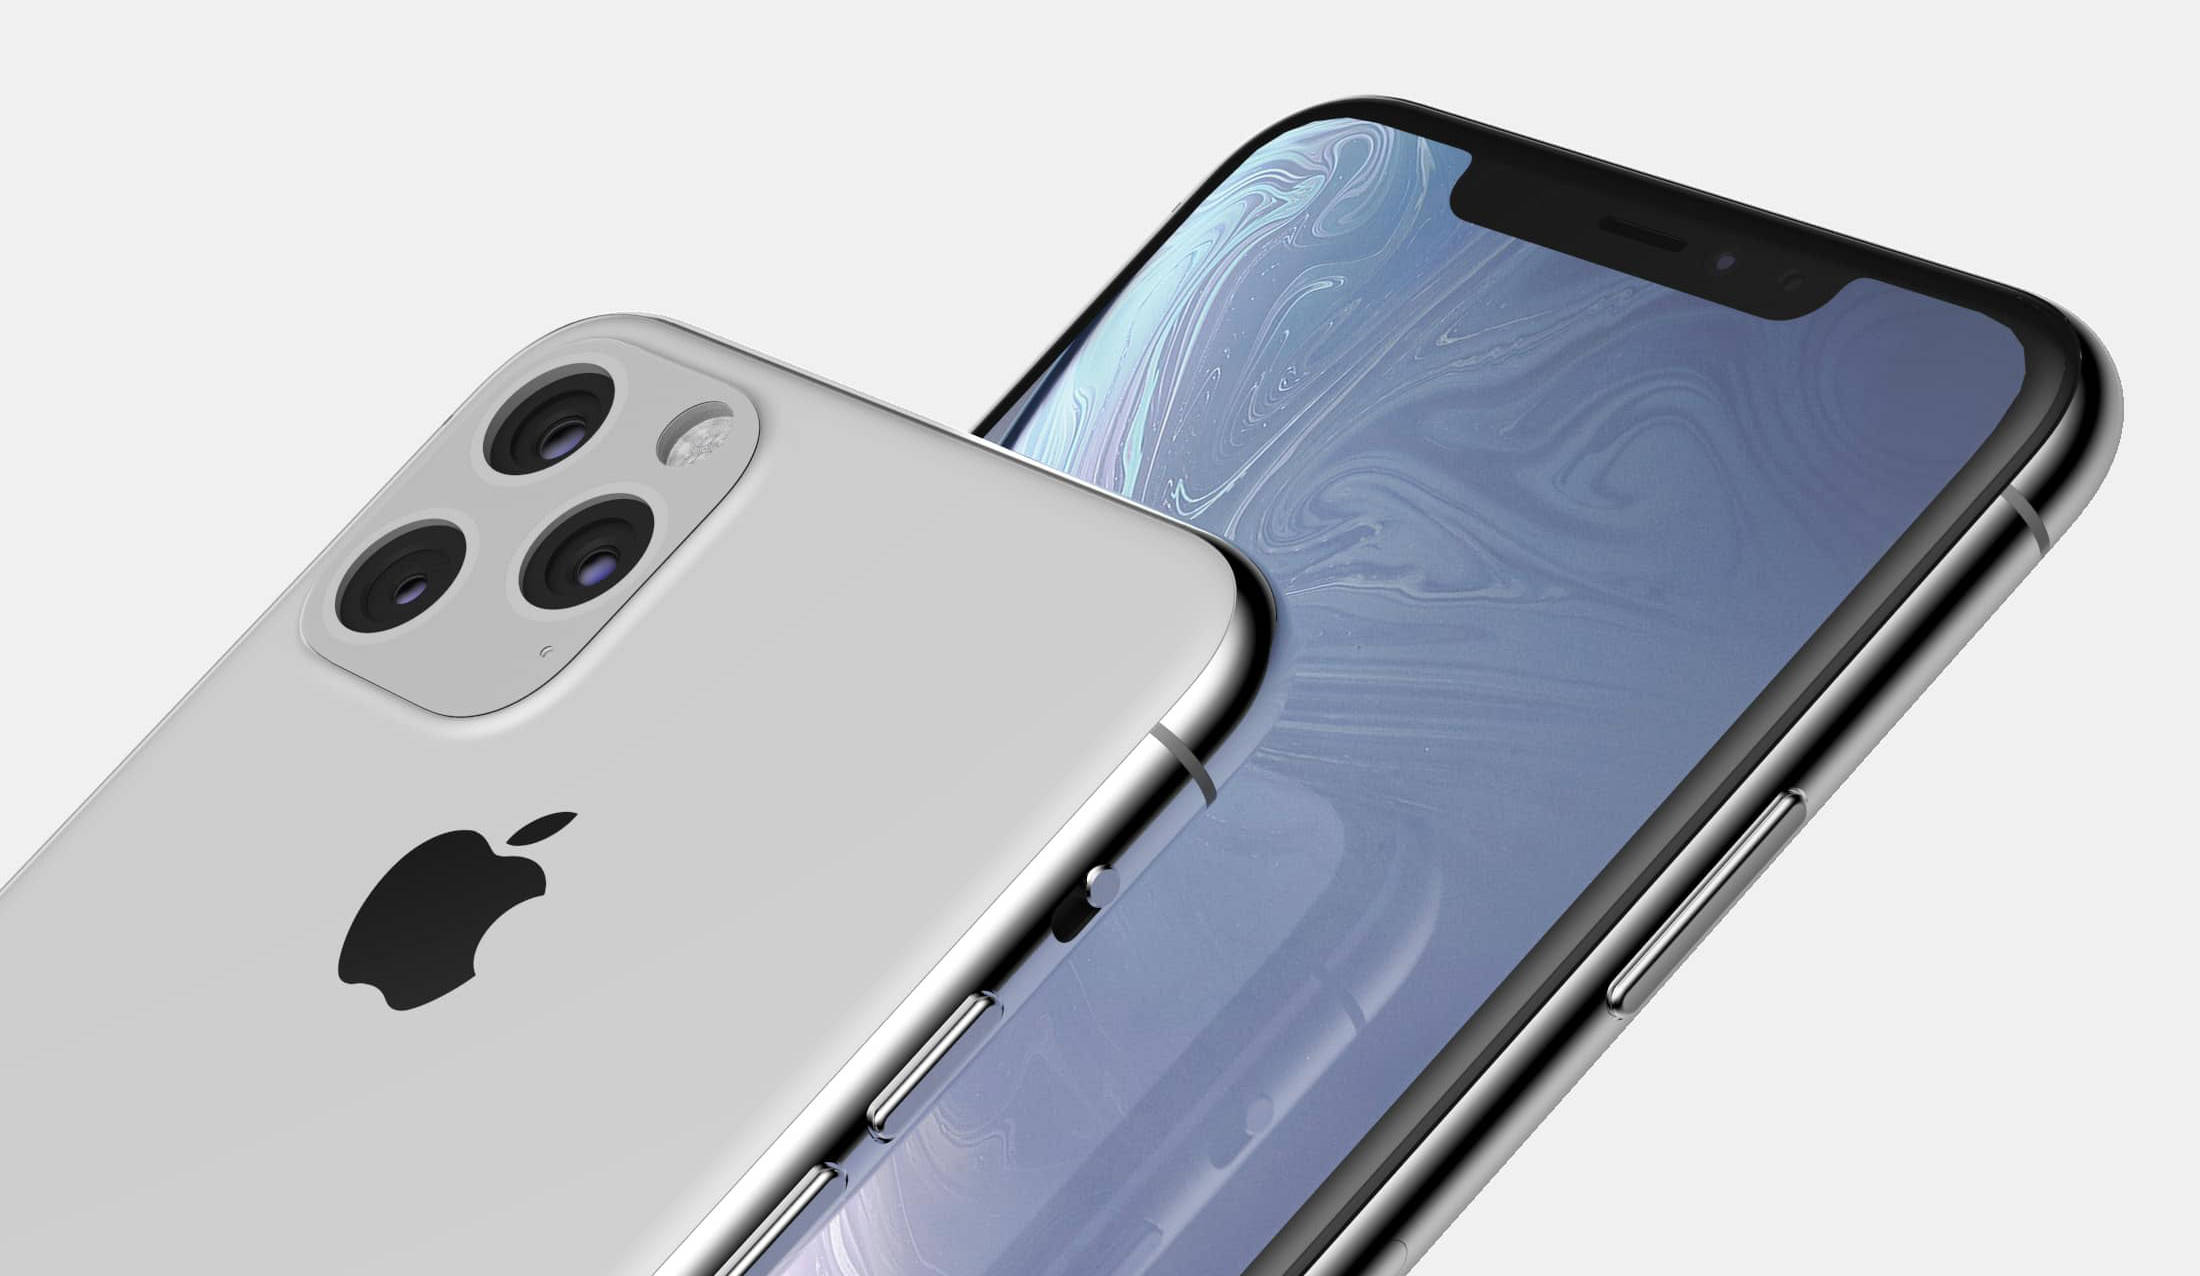 Apple iPhone 2019 Max rendery Onleaks plotki przecieki kiedy premiera miejsce na dane tryb nocny iOS 13 ToF